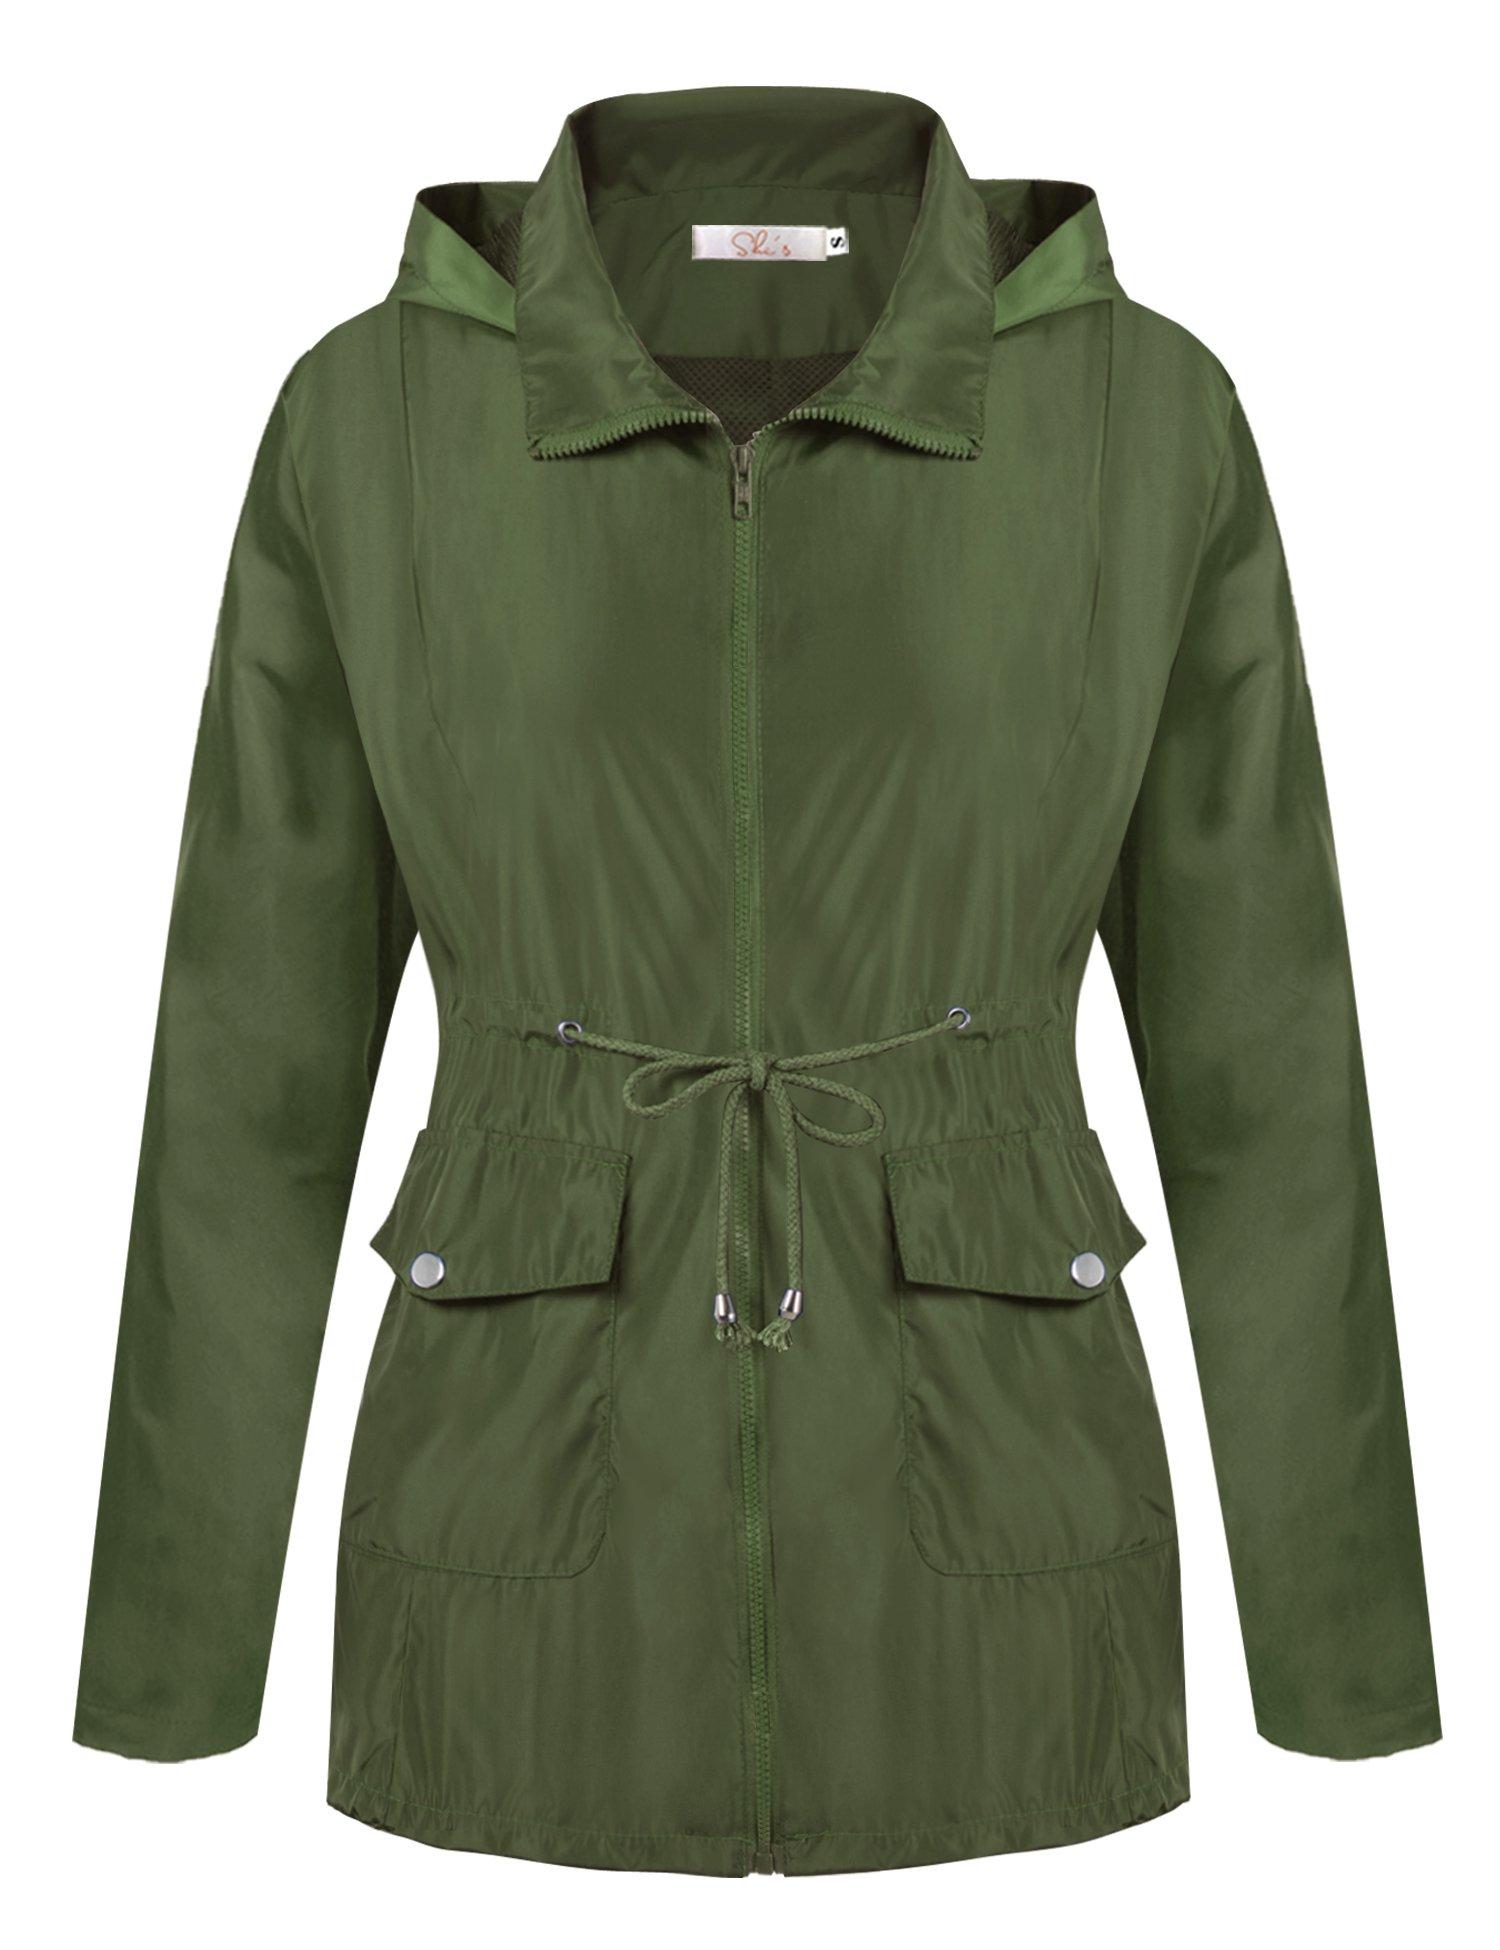 A Blues Man Womens Lightweight Lining Hooded Waterproof Outdoor Zipper Rain Jacket (M, Army Green-X)